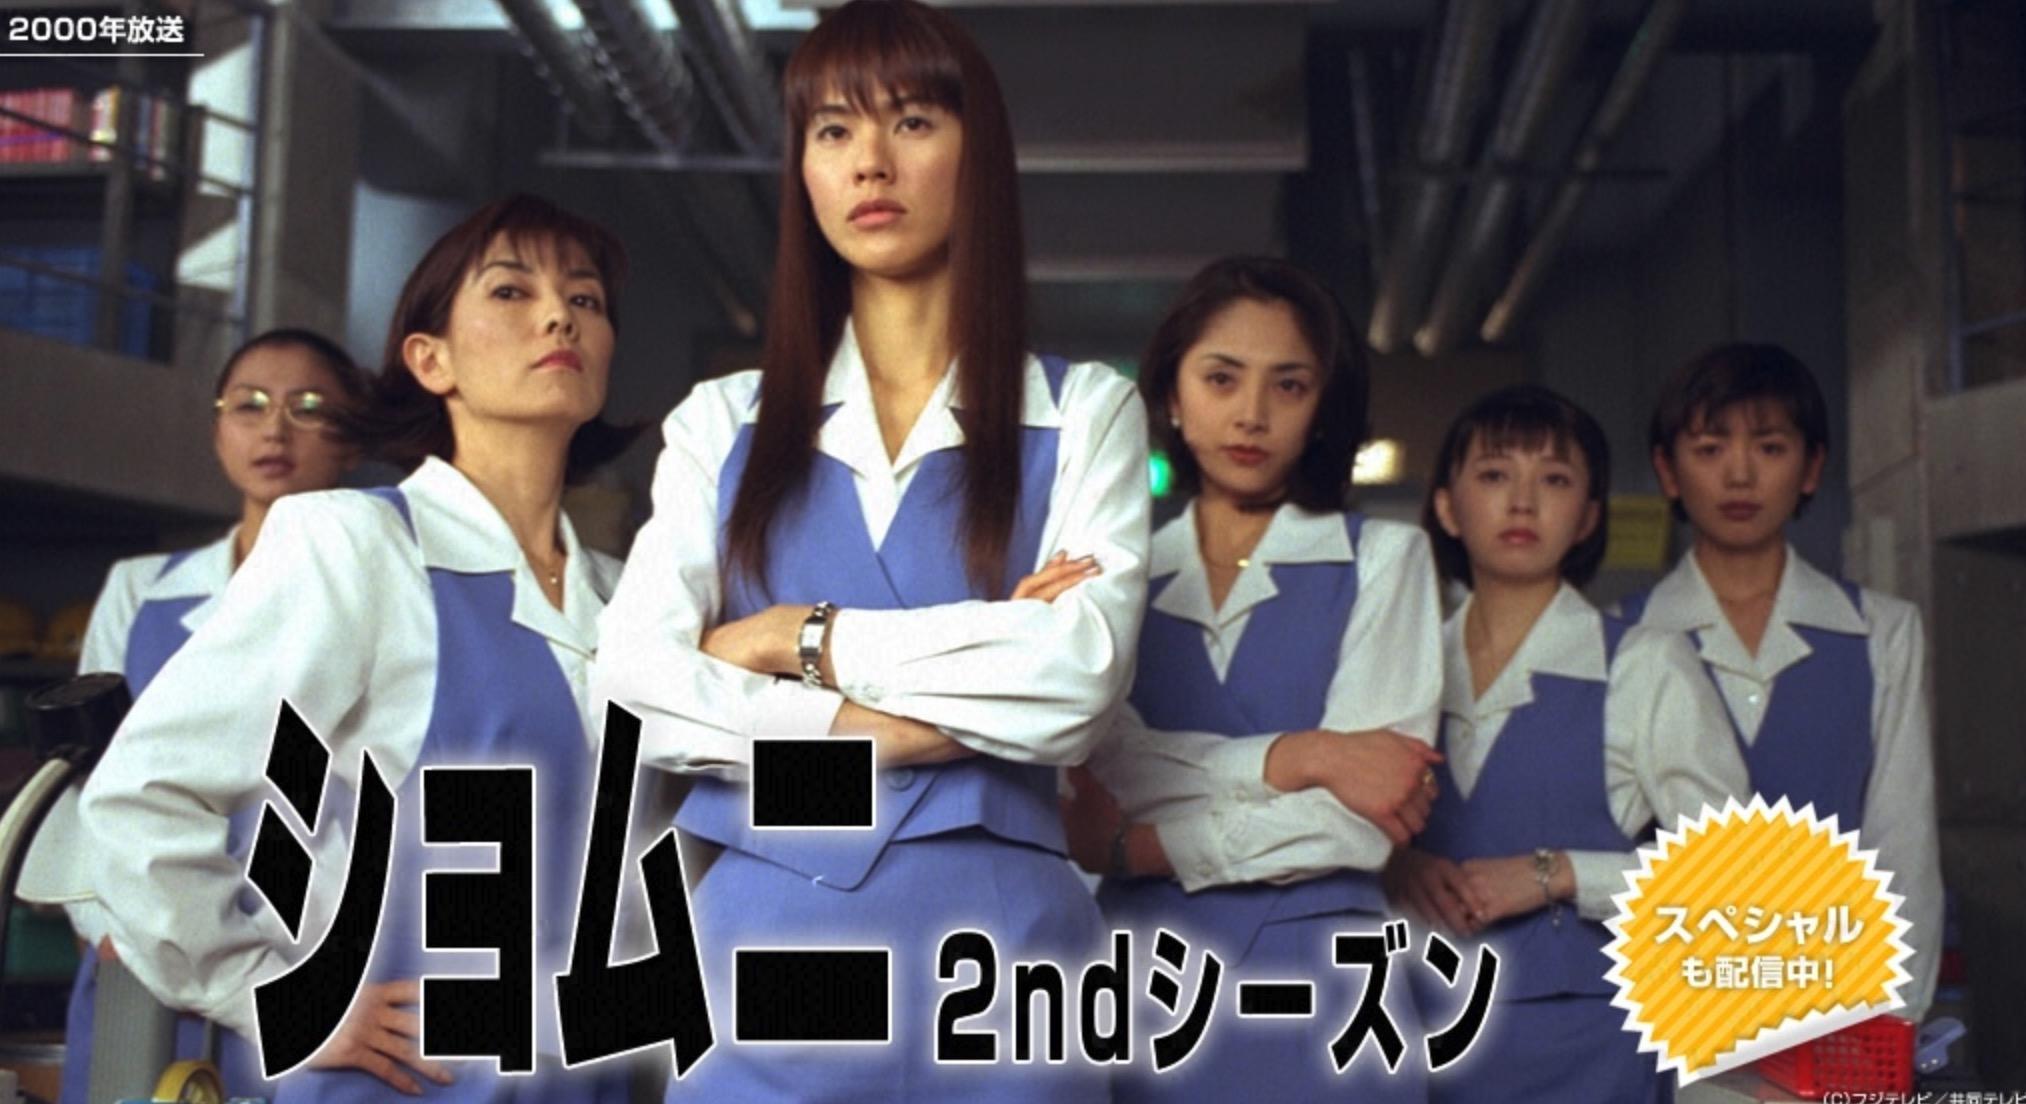 ショムニ(第2シリーズ)